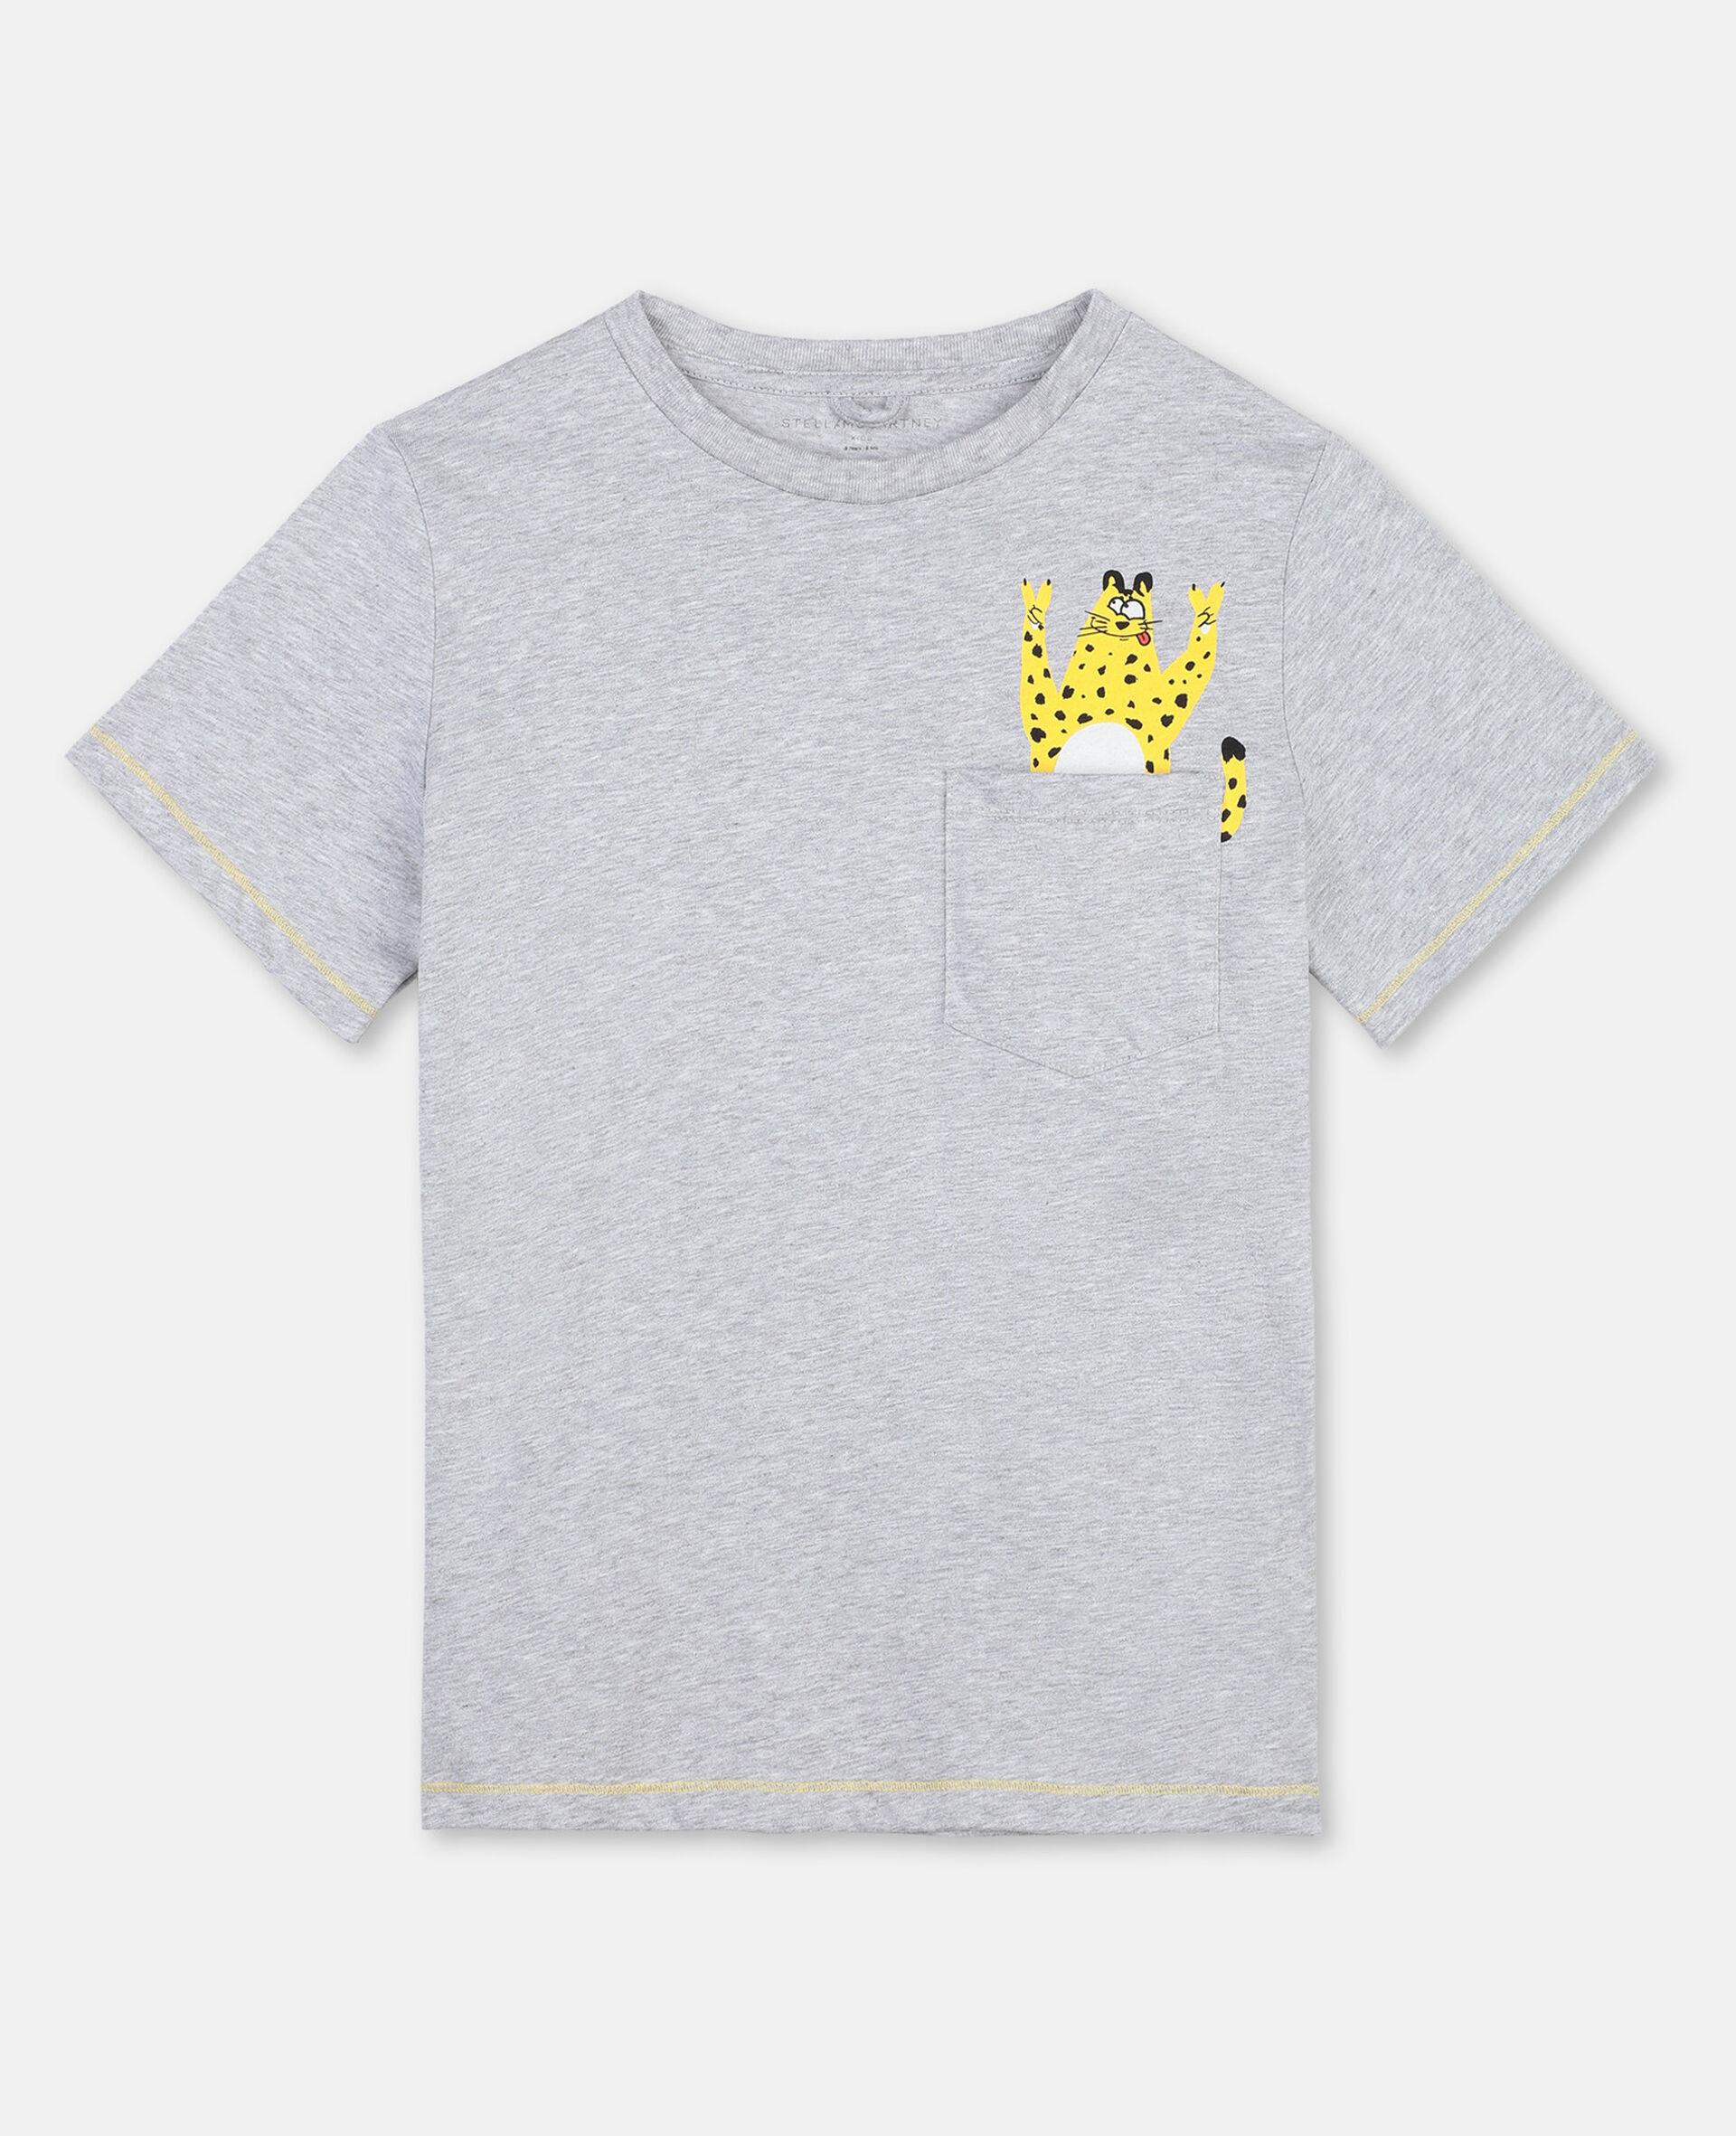 Cheetah Cotton T-shirt-Grey-large image number 0